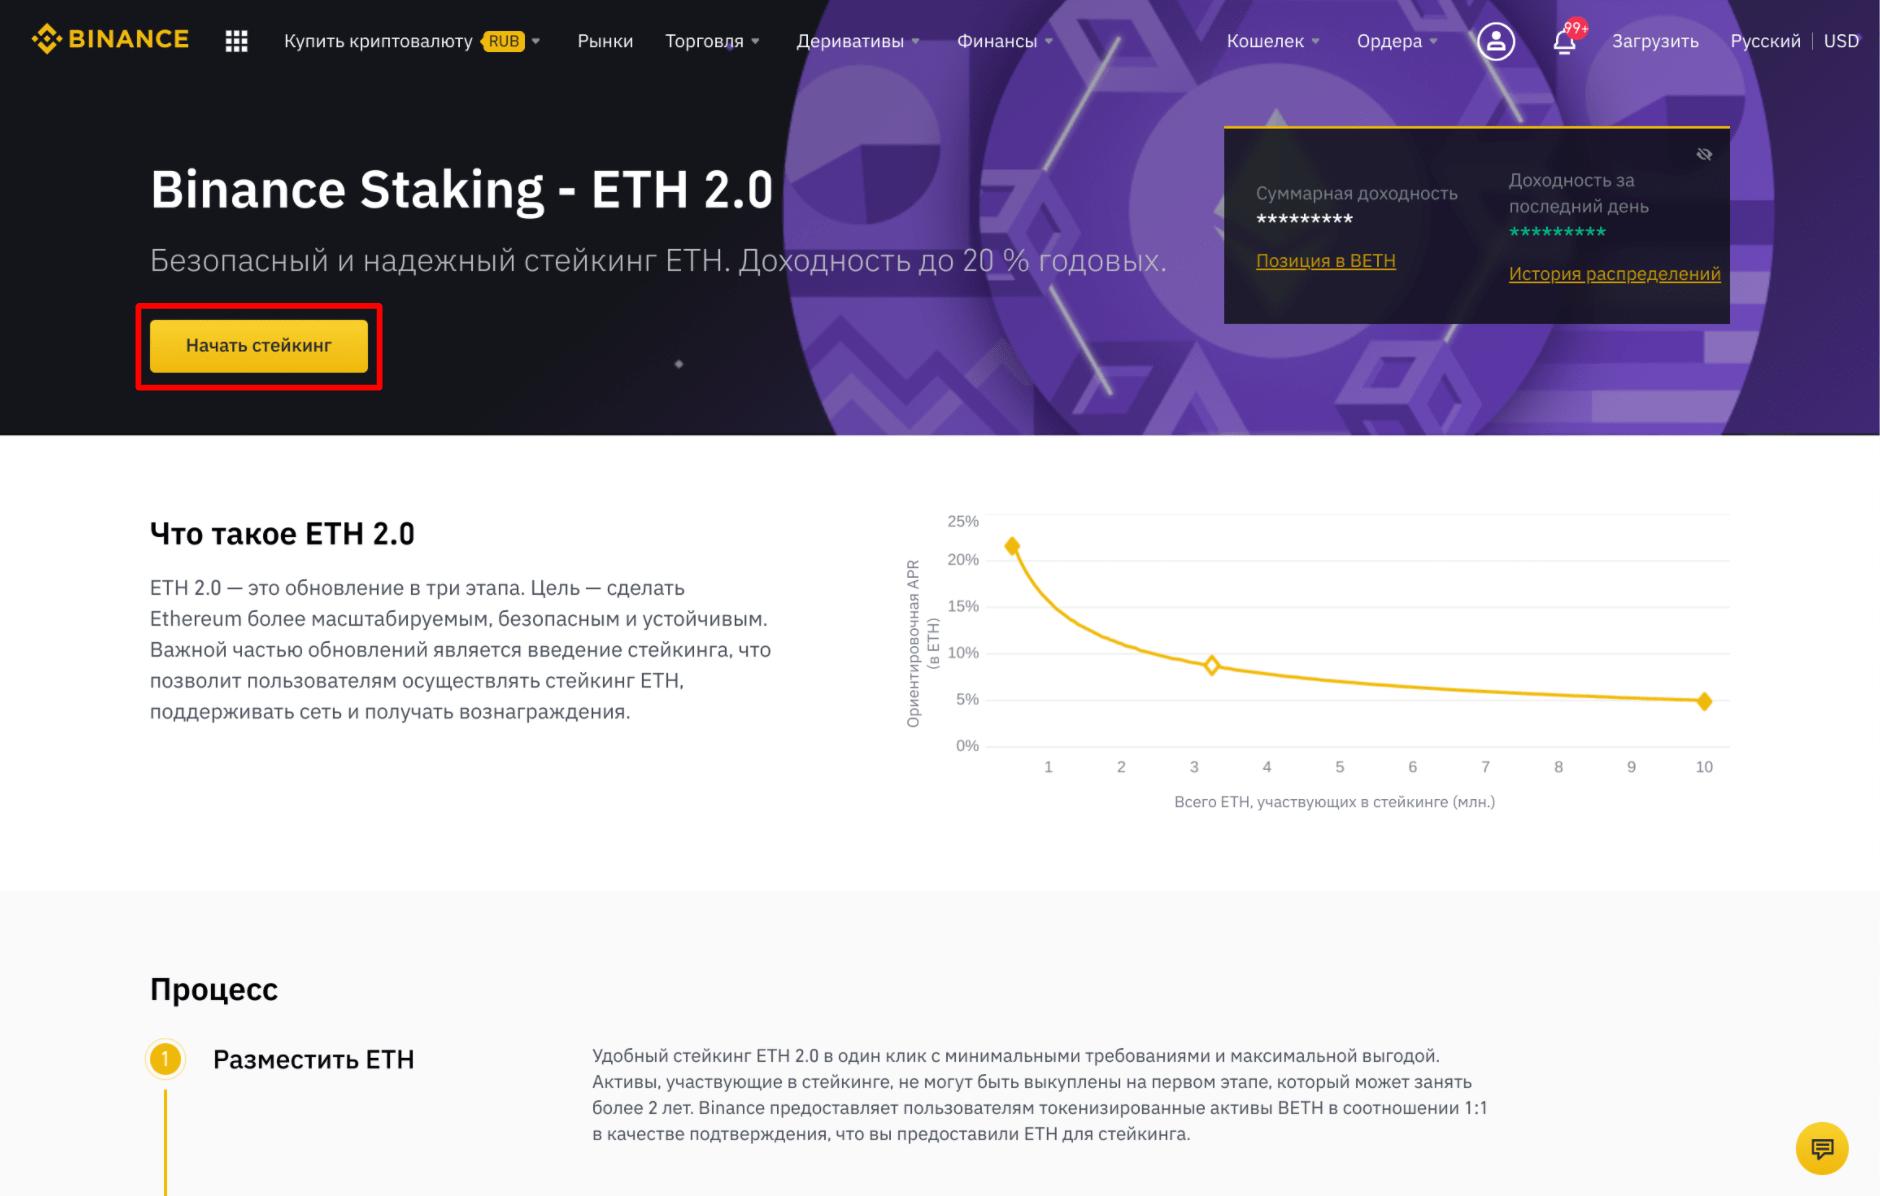 Стейкинг ETH 2.0 на Binance